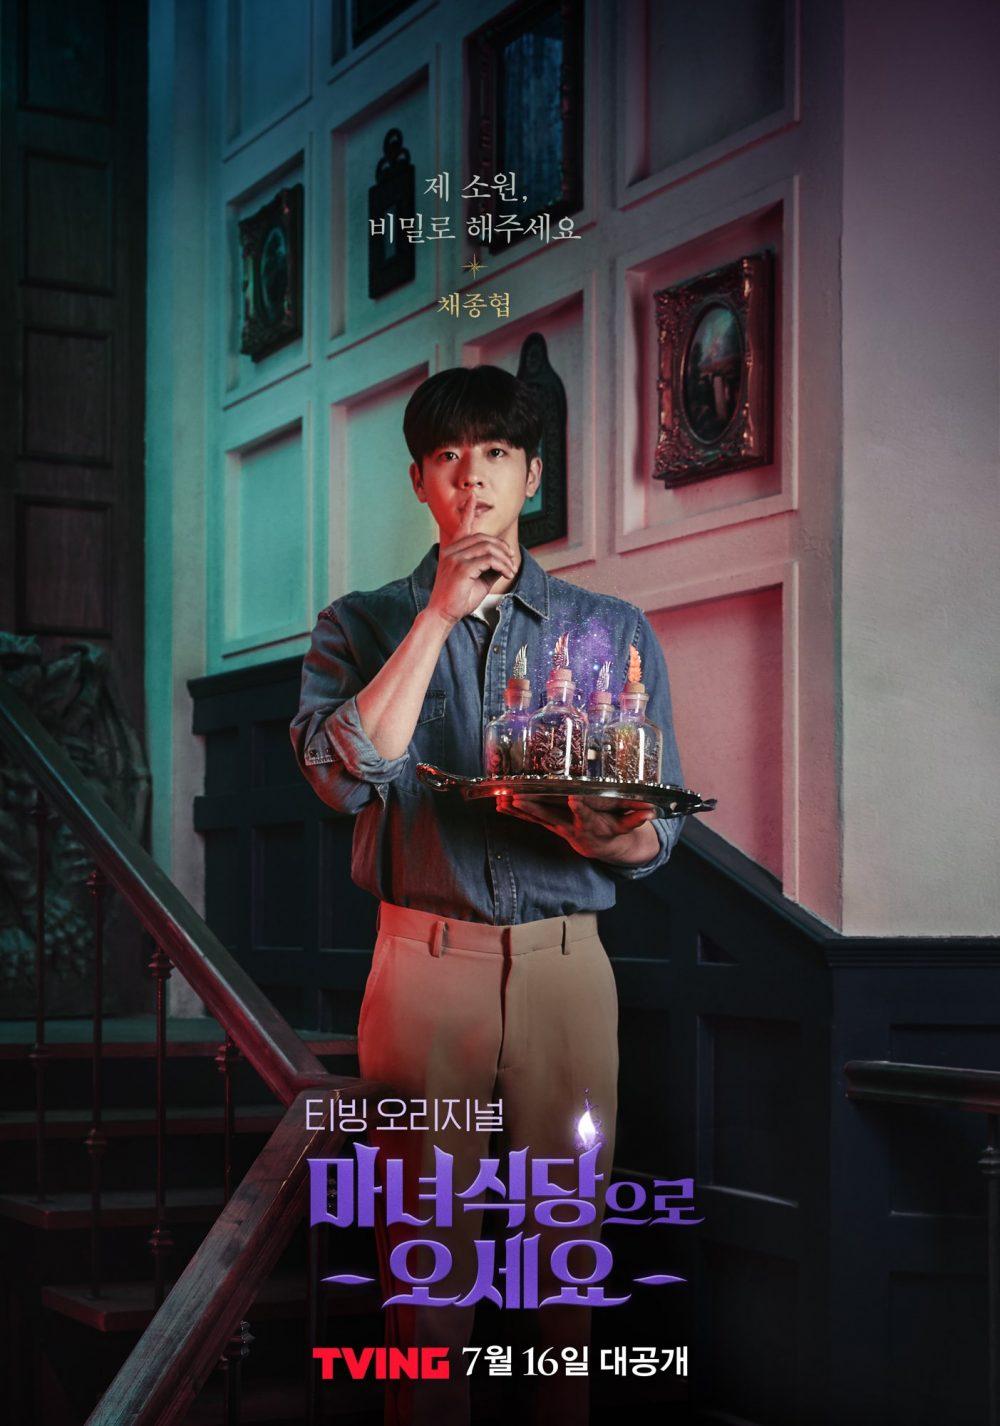 Lee Gil Yong (Chae Jong Hyeop đóng)